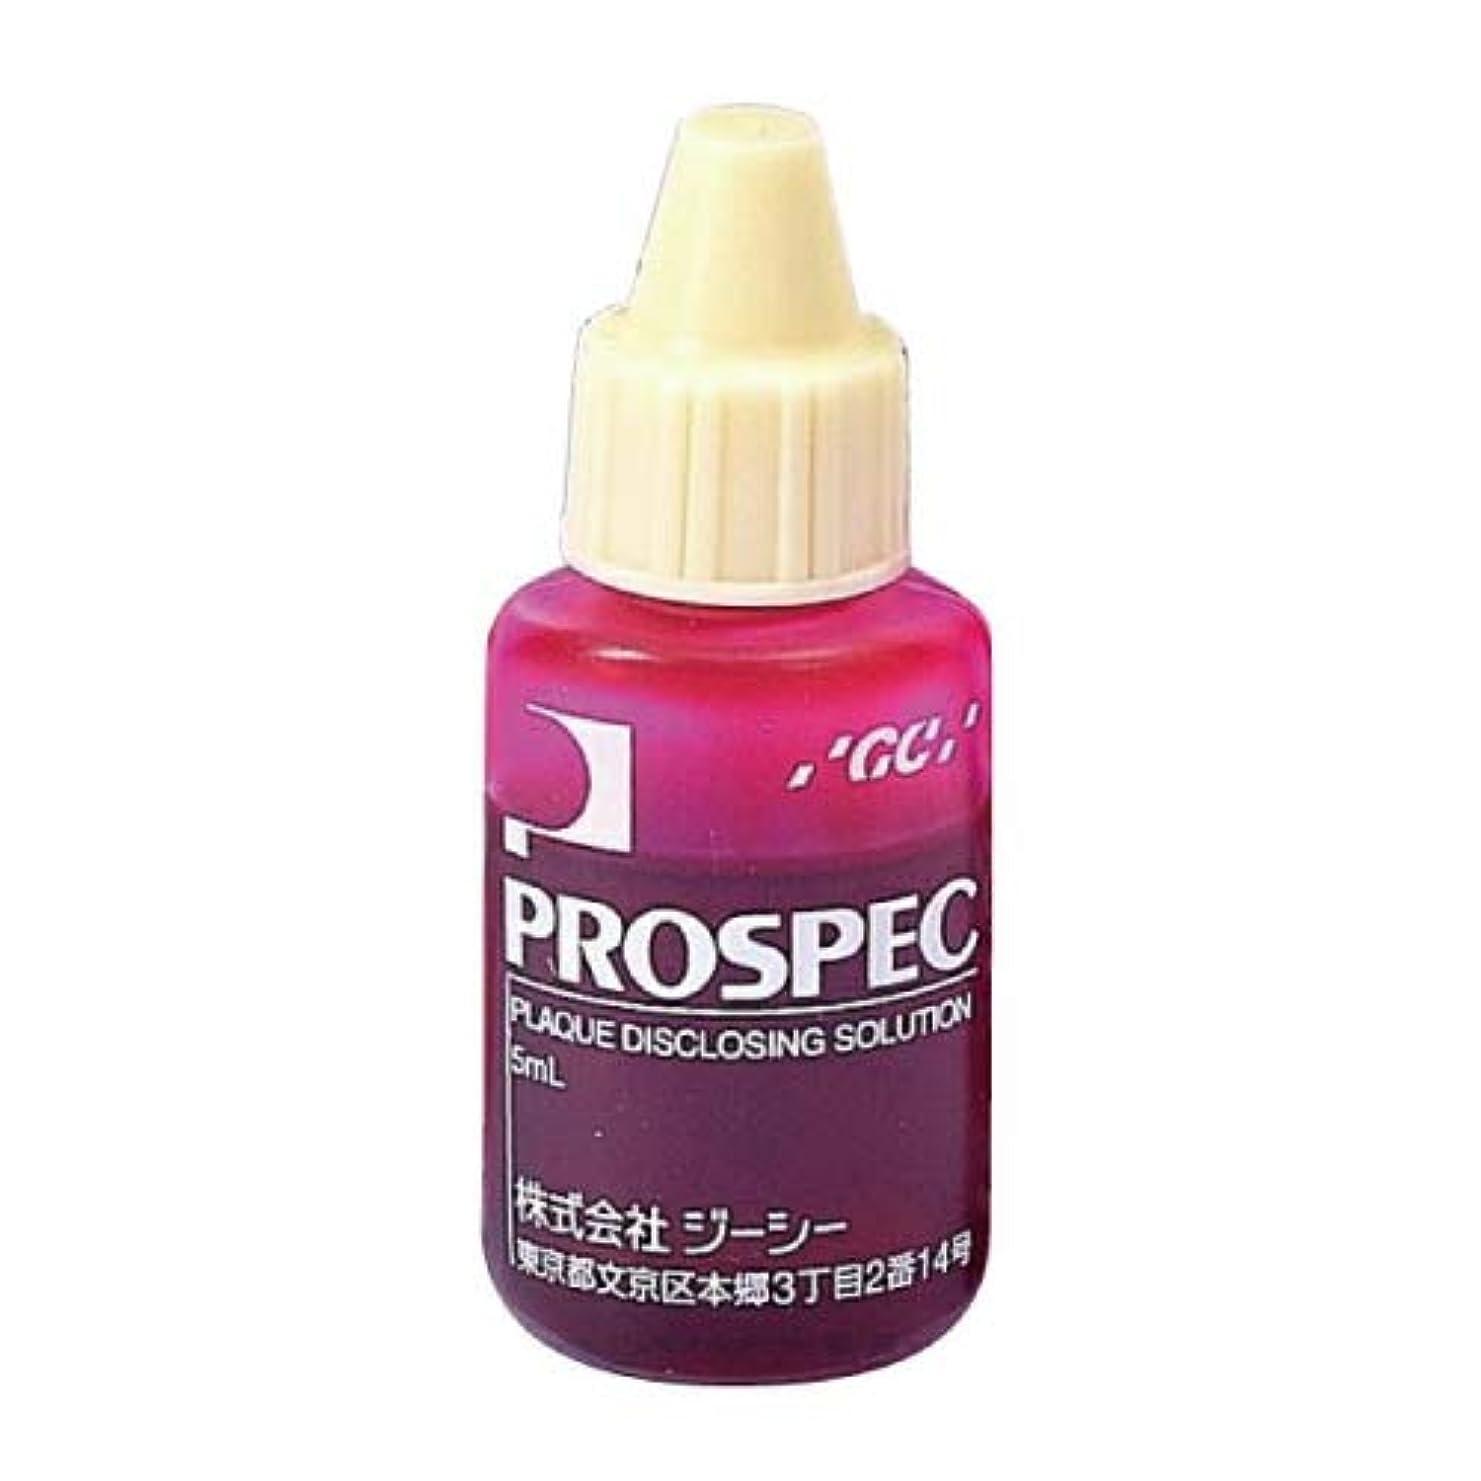 近々端末クラッシュジーシー GC プロスペック 歯垢染色液 5ml